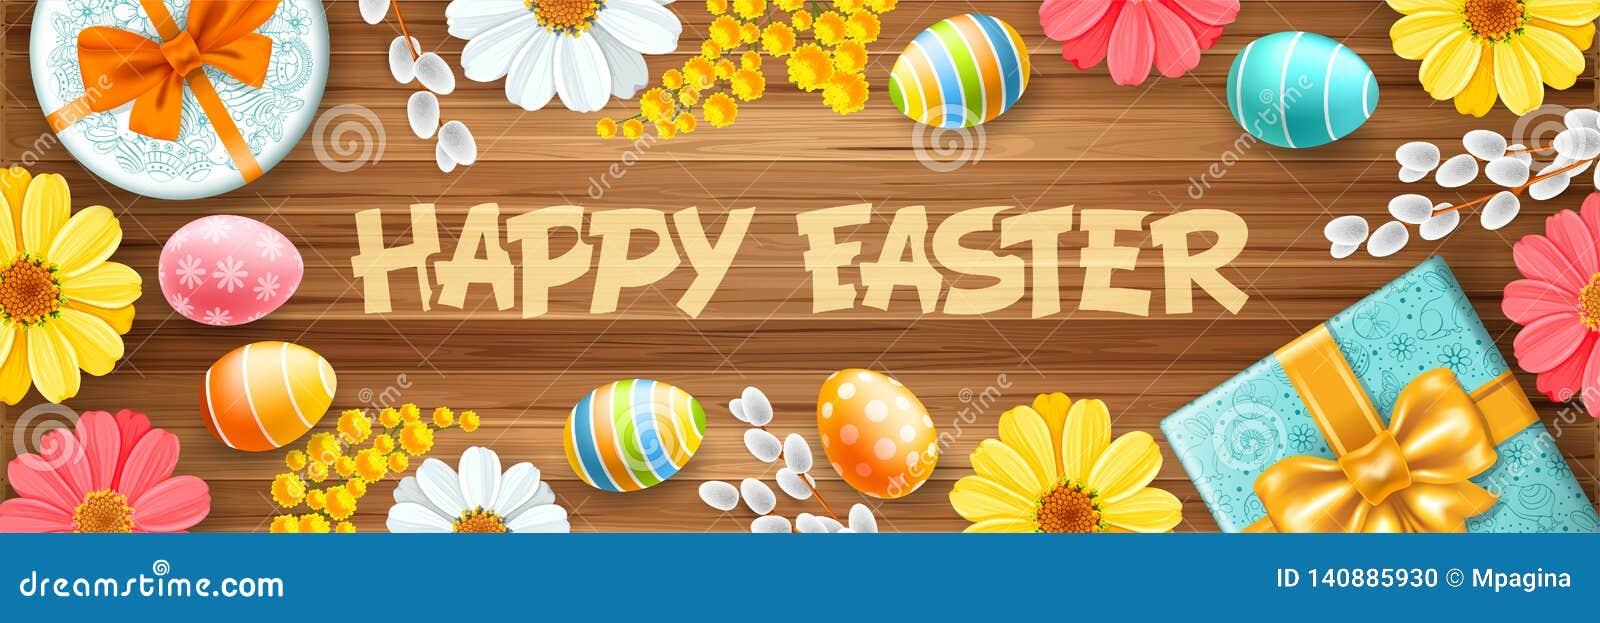 Saluto felice di Pasqua